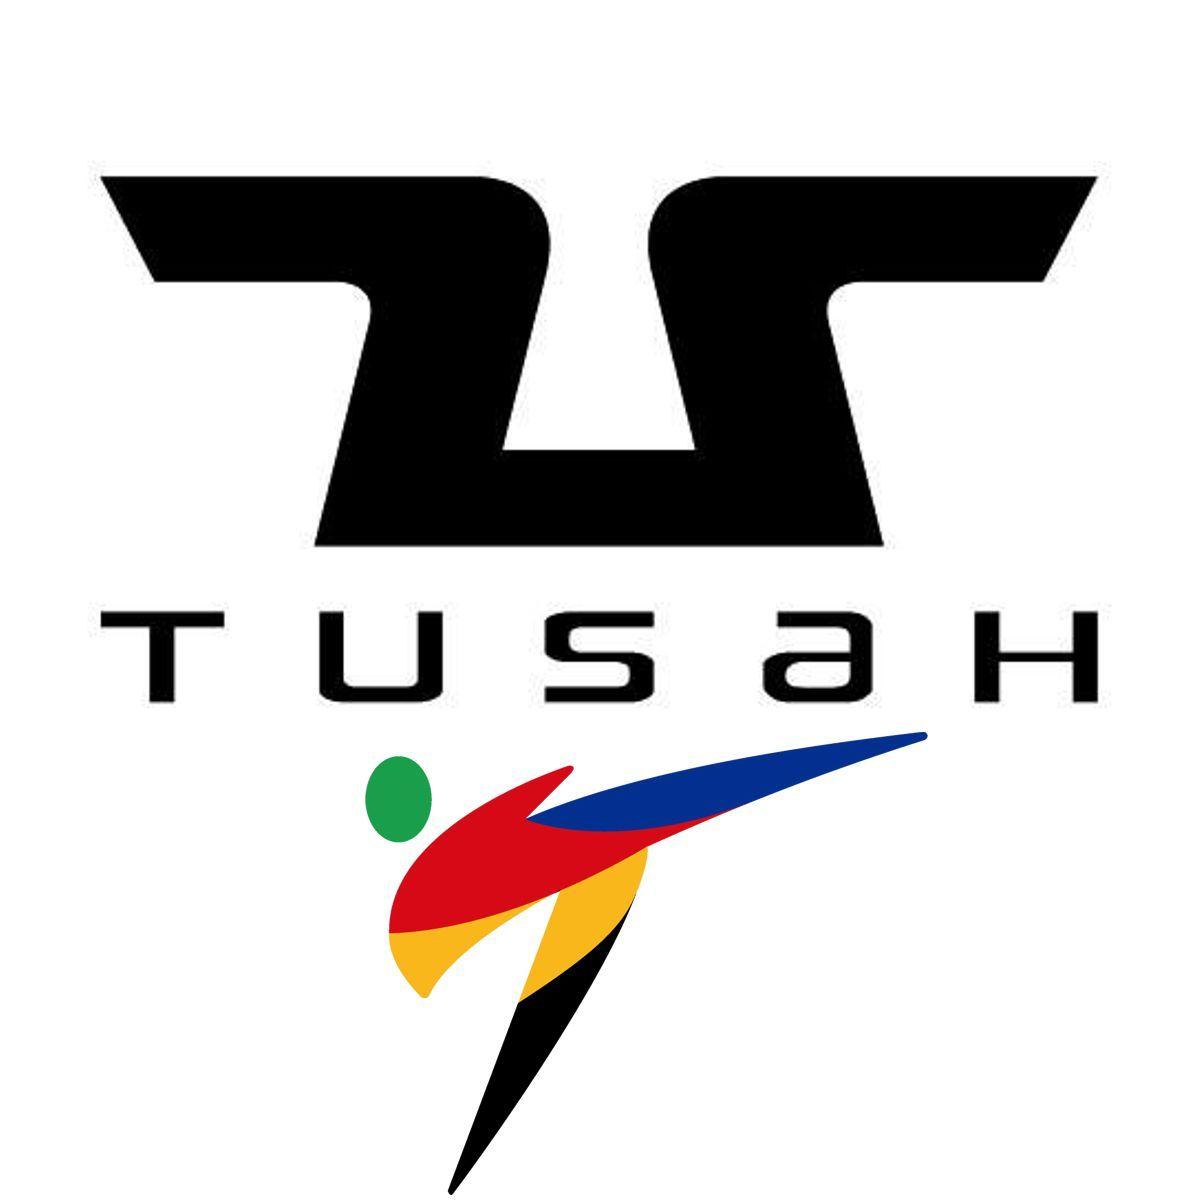 TUSAH Romania